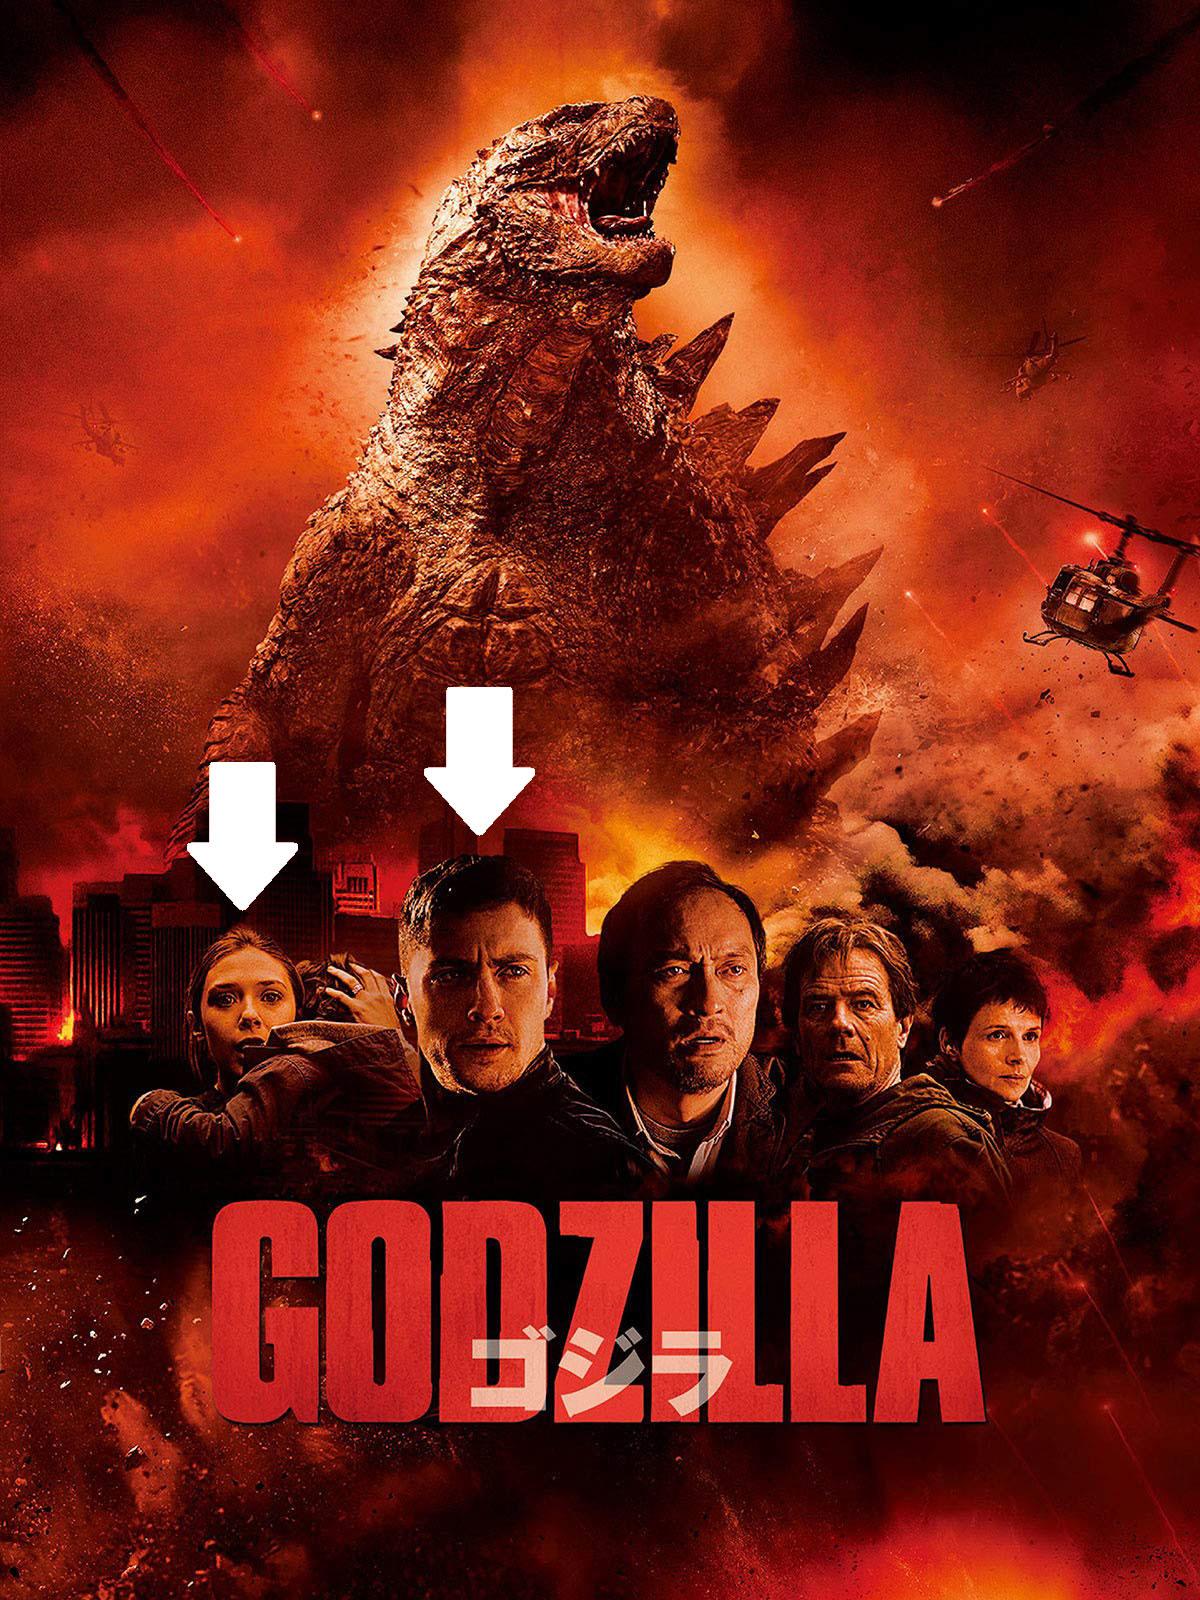 『GODZILLA』(2014)では夫婦役